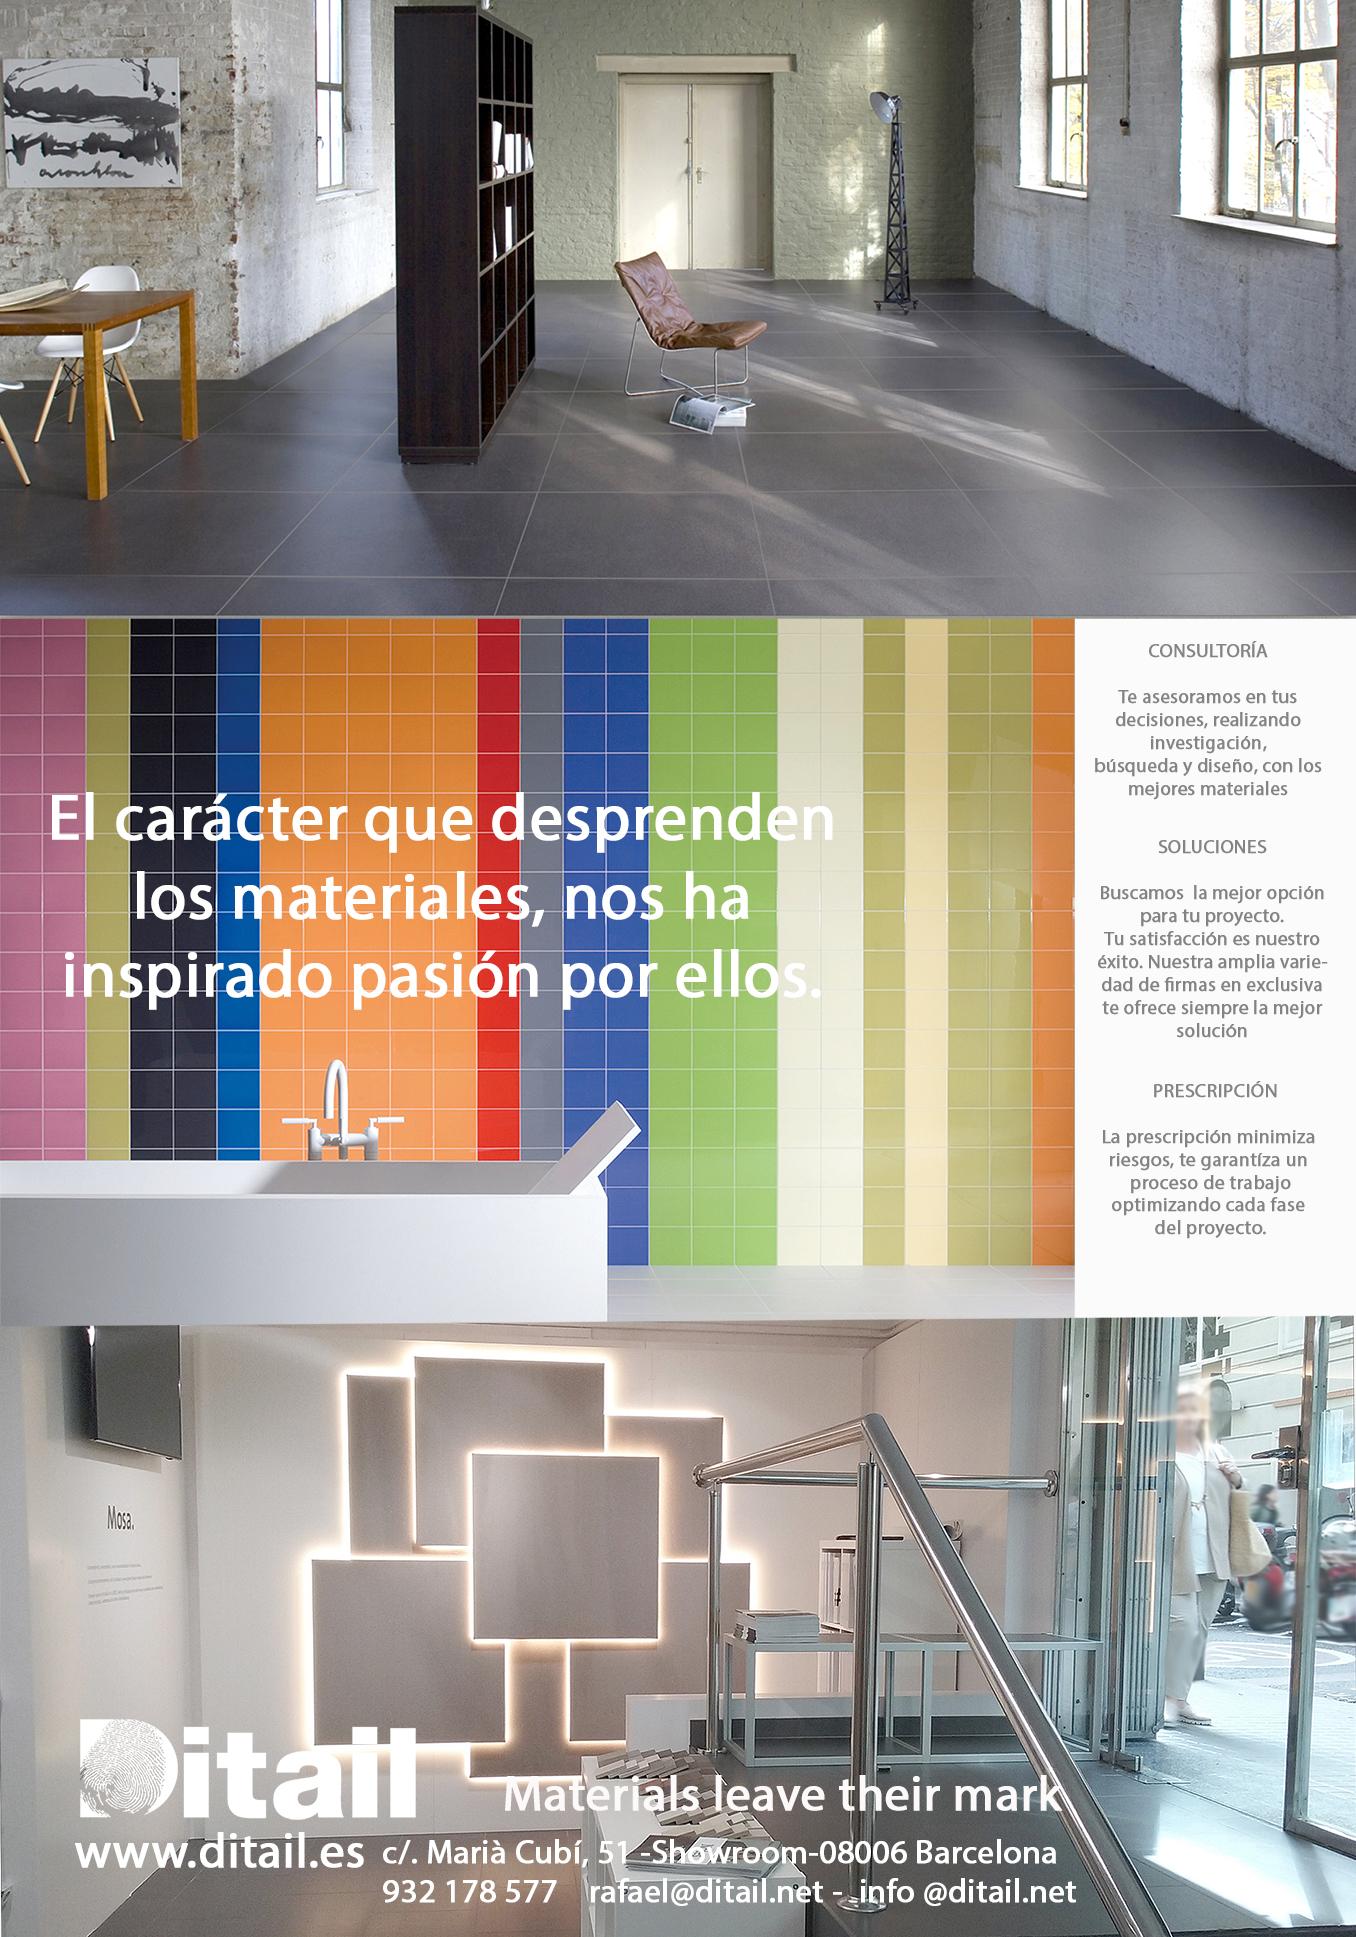 Ditail-materiales-ceramica-arquietctura